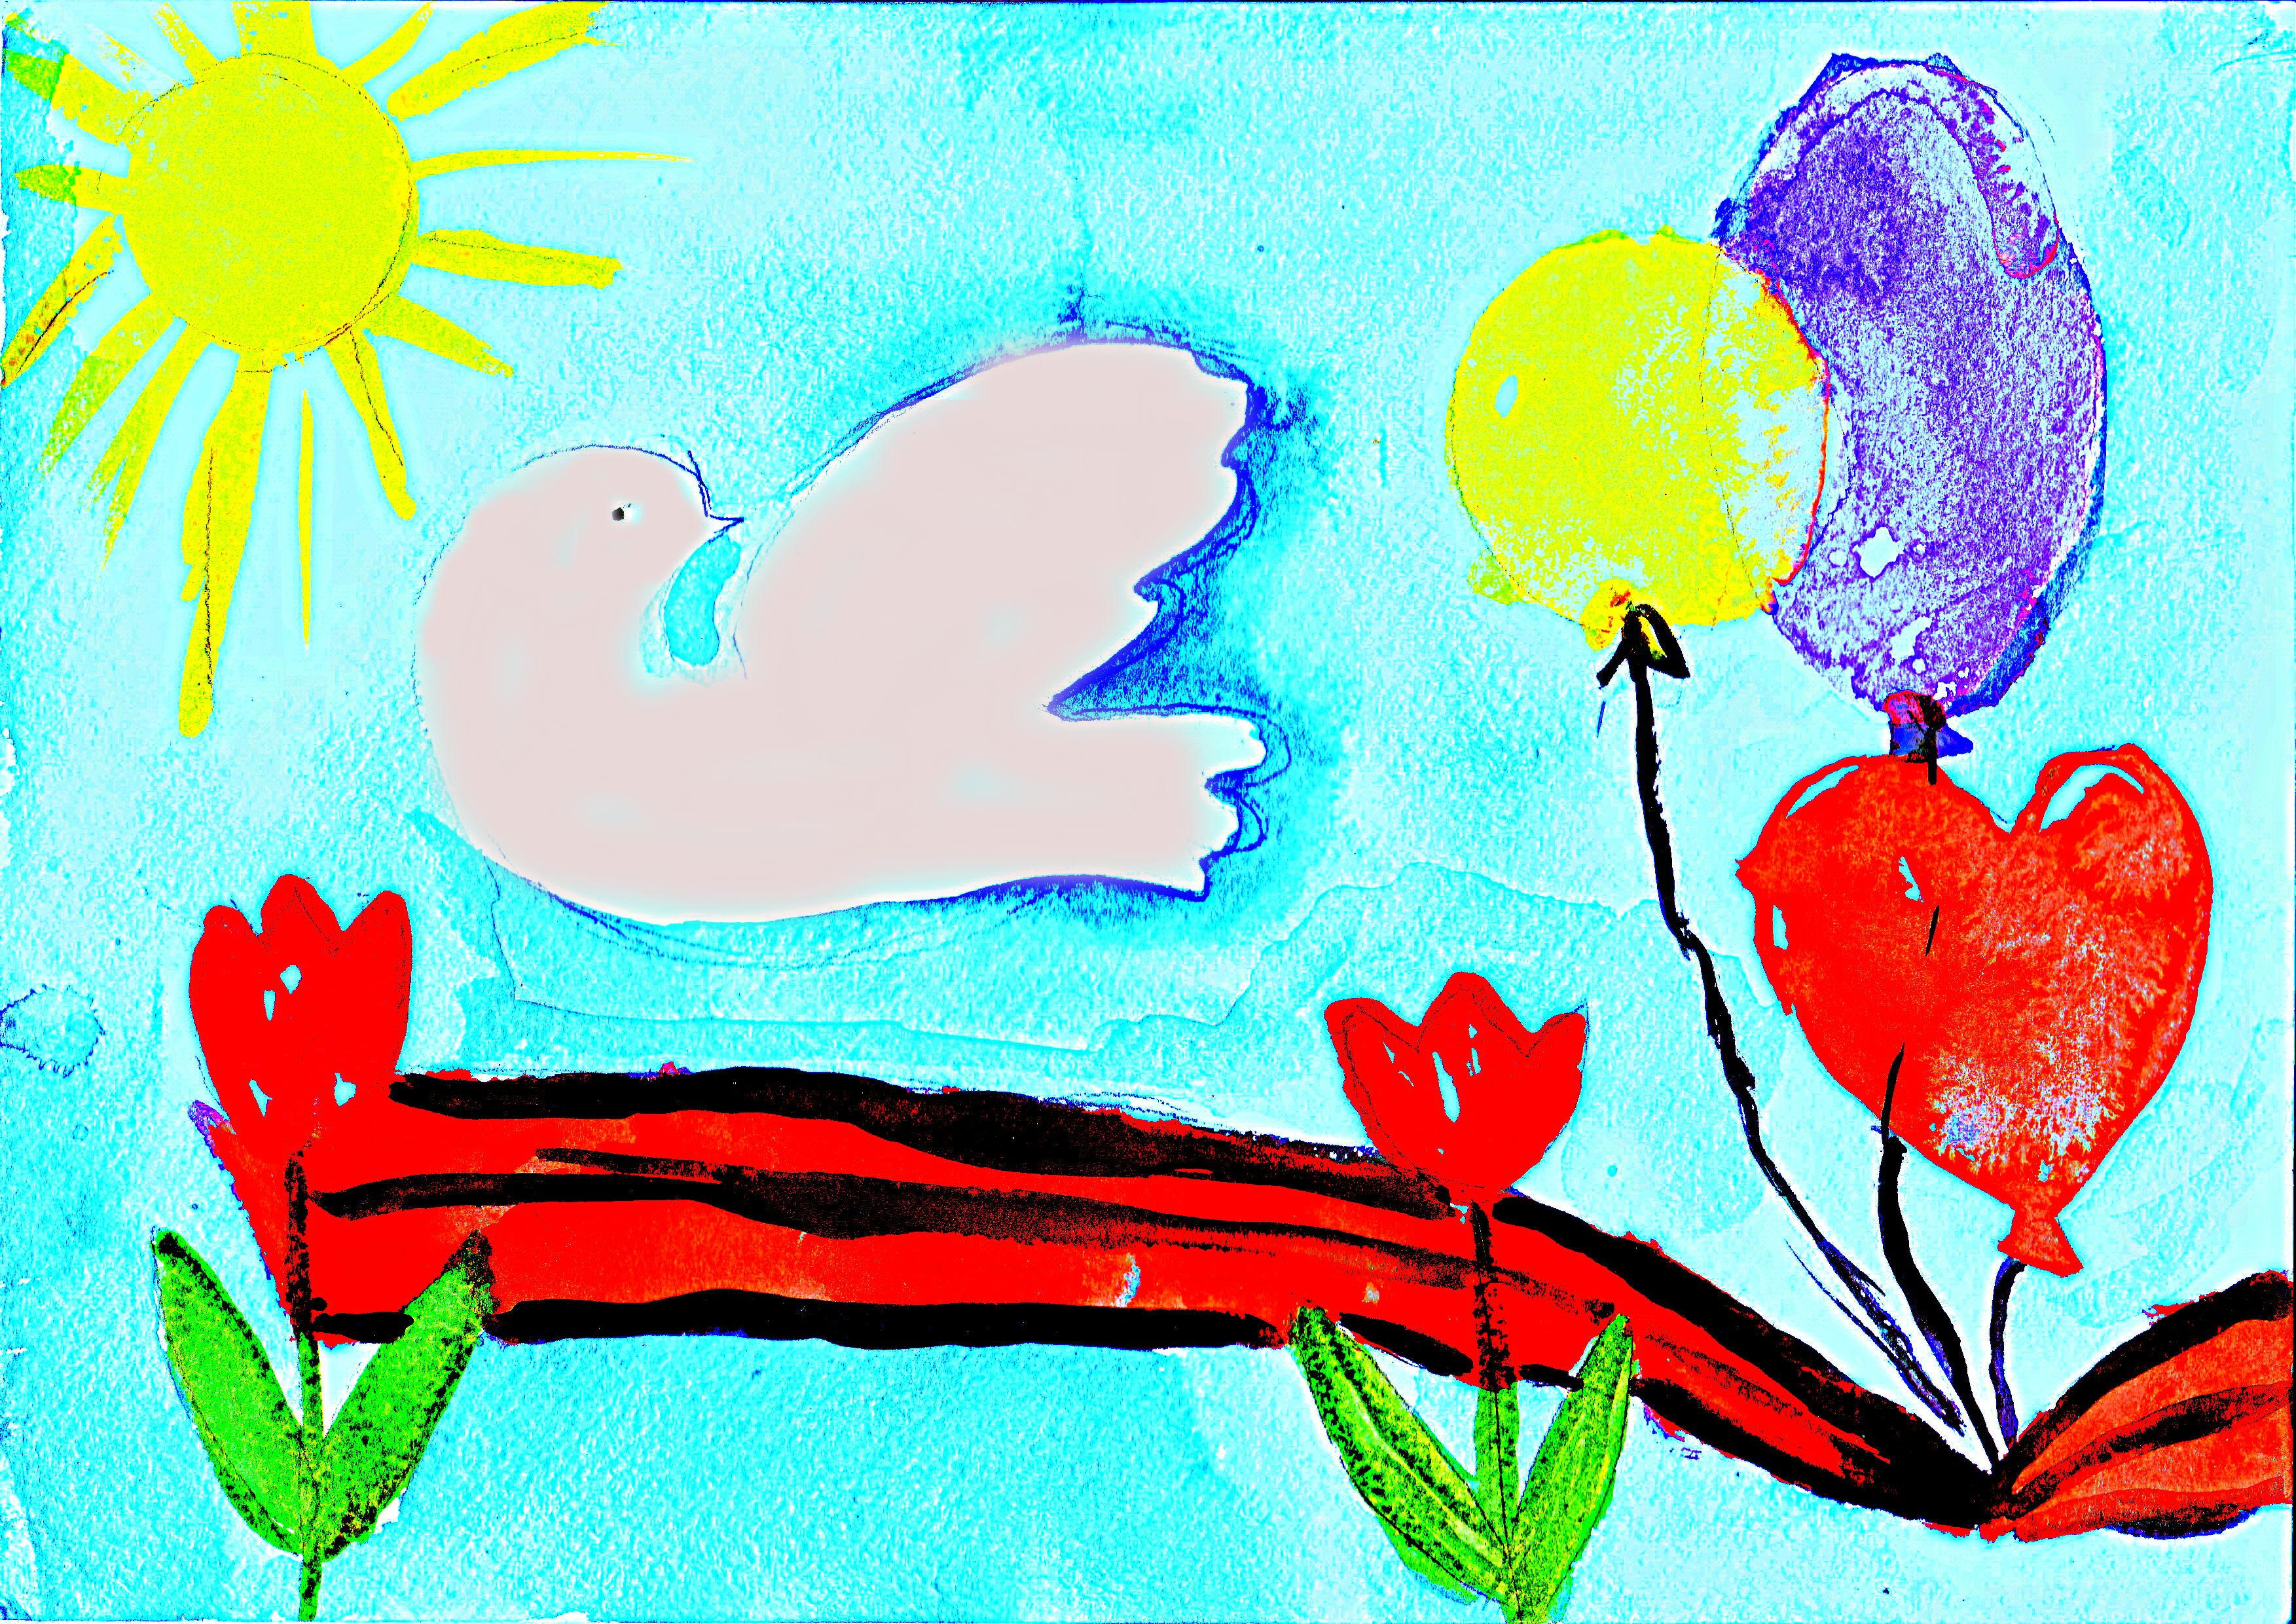 день победы для детей картинки